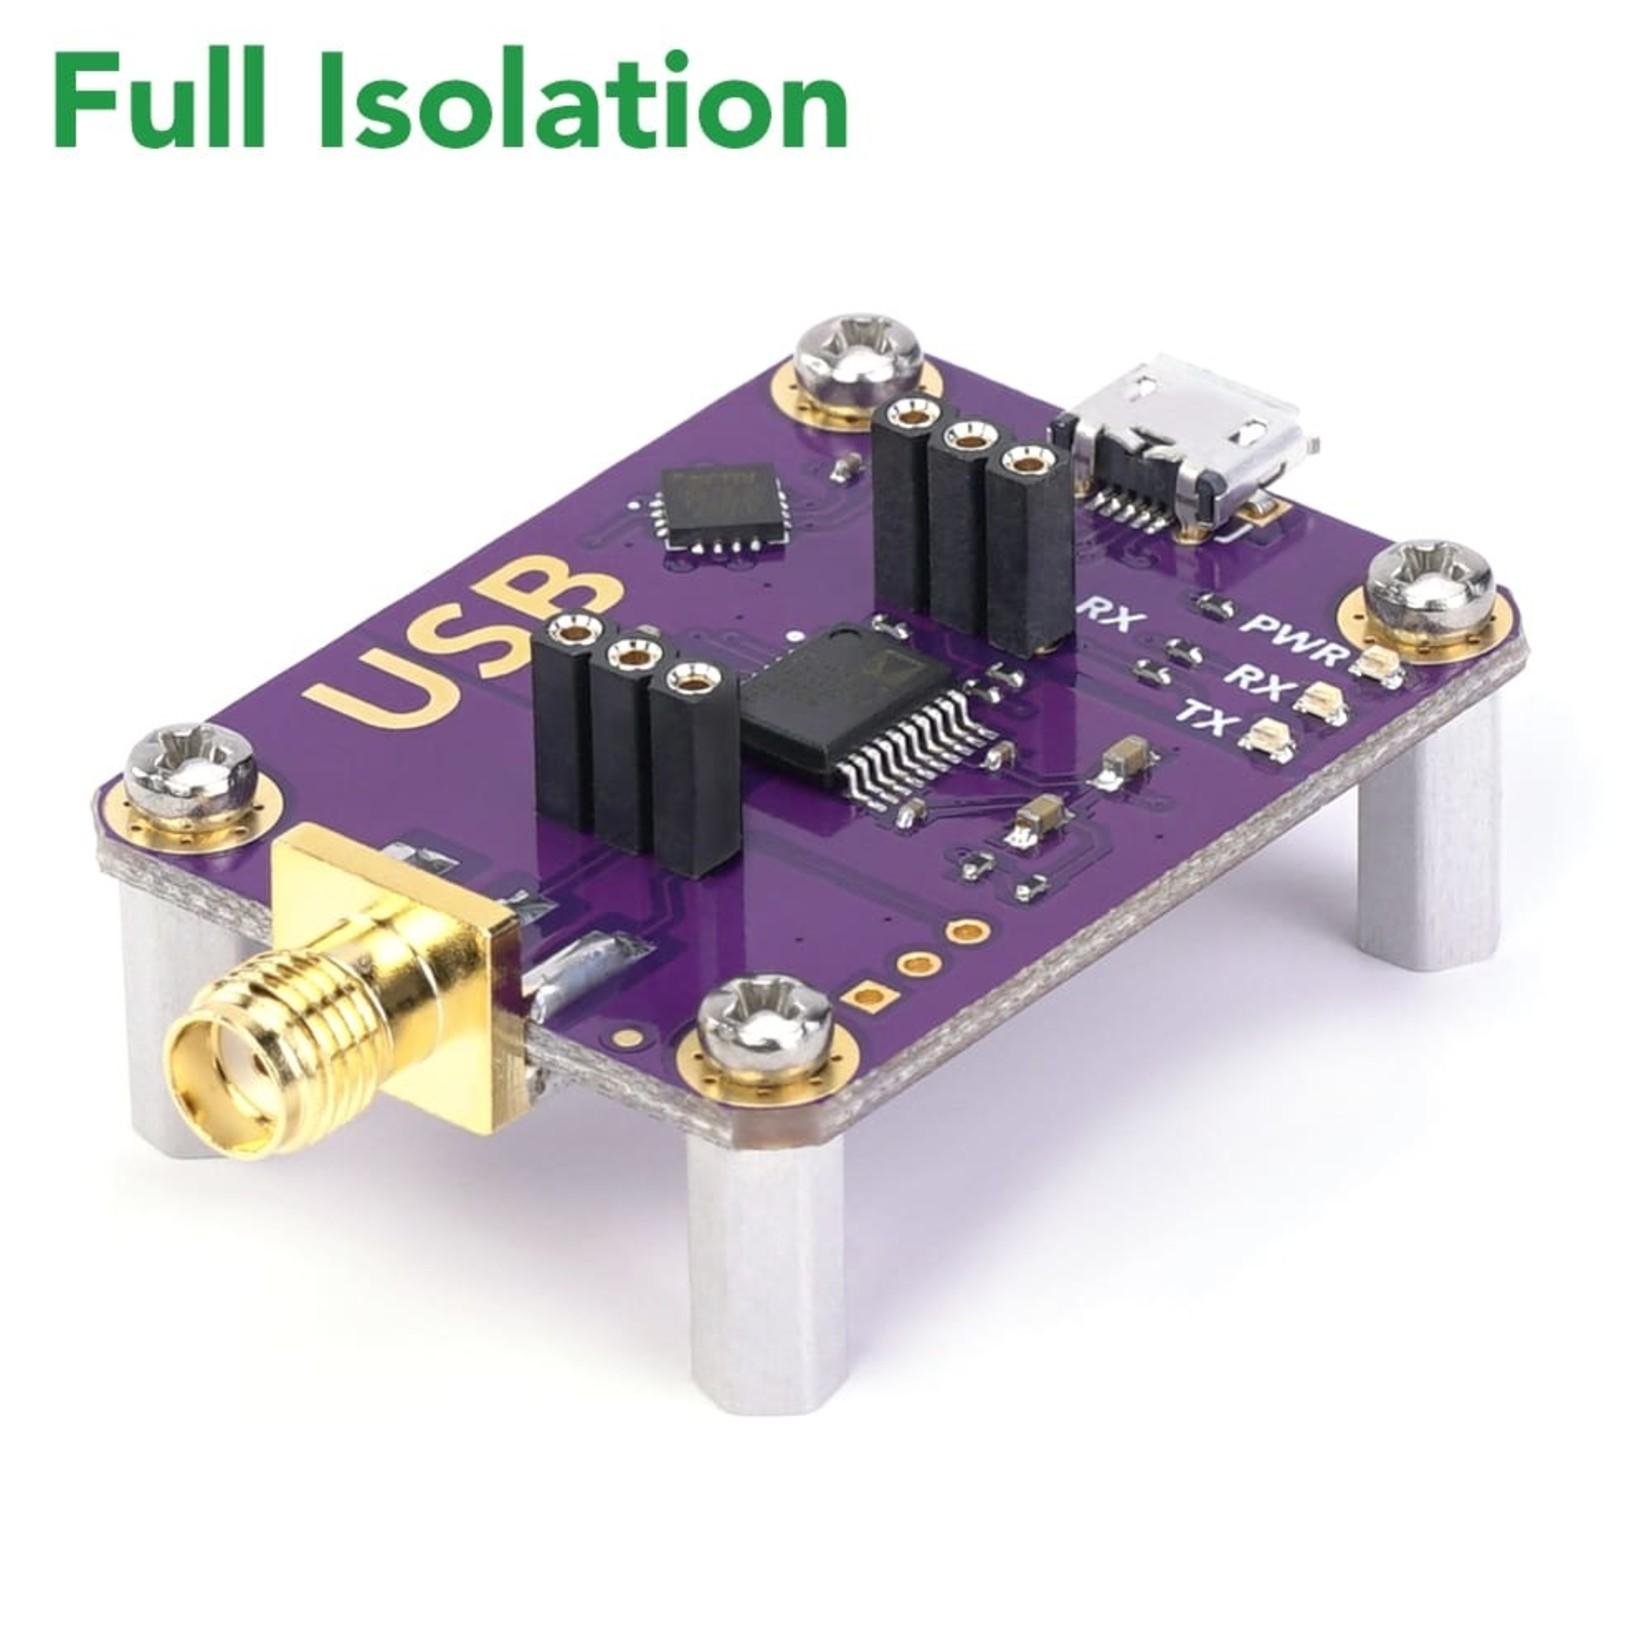 Atlas Scientific Electrisch geisoleerde USB EZO™ Carrier Board